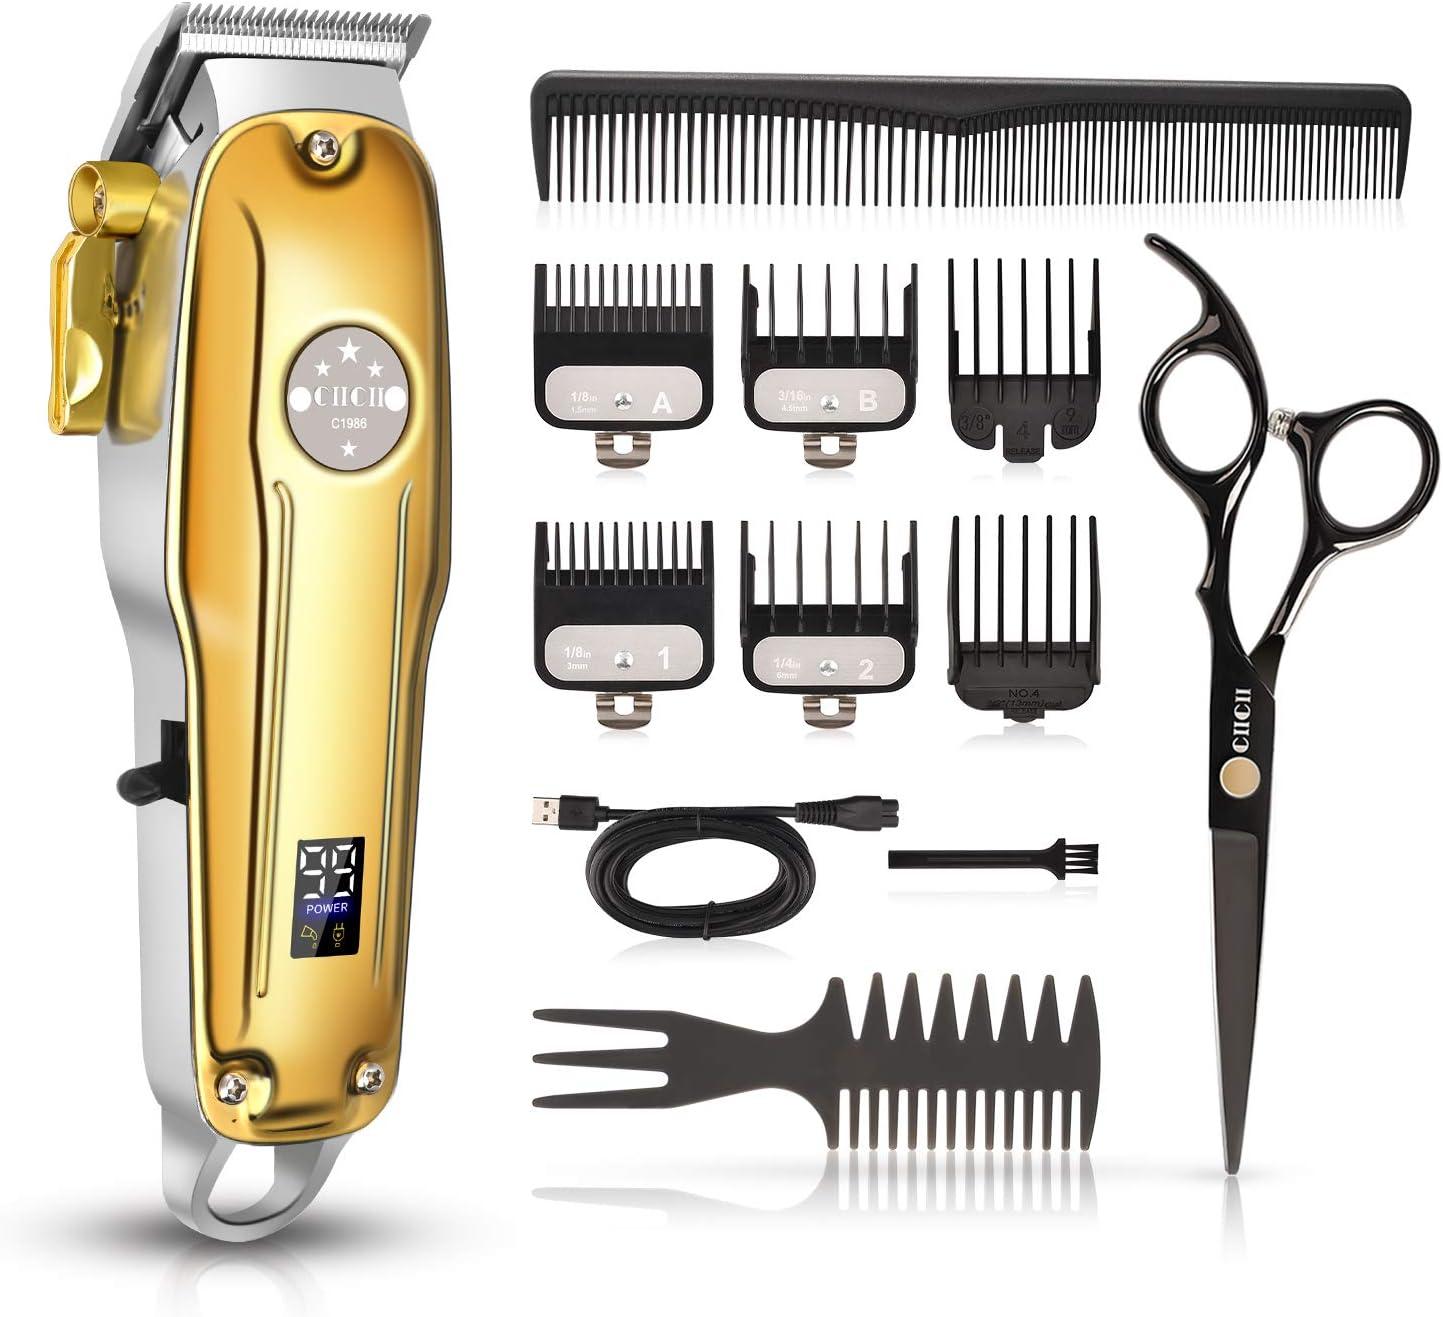 Cortadora de pelo sin cable para hombres, CIICII Juego de cortadora de pelo profesional (12 Pcs U...